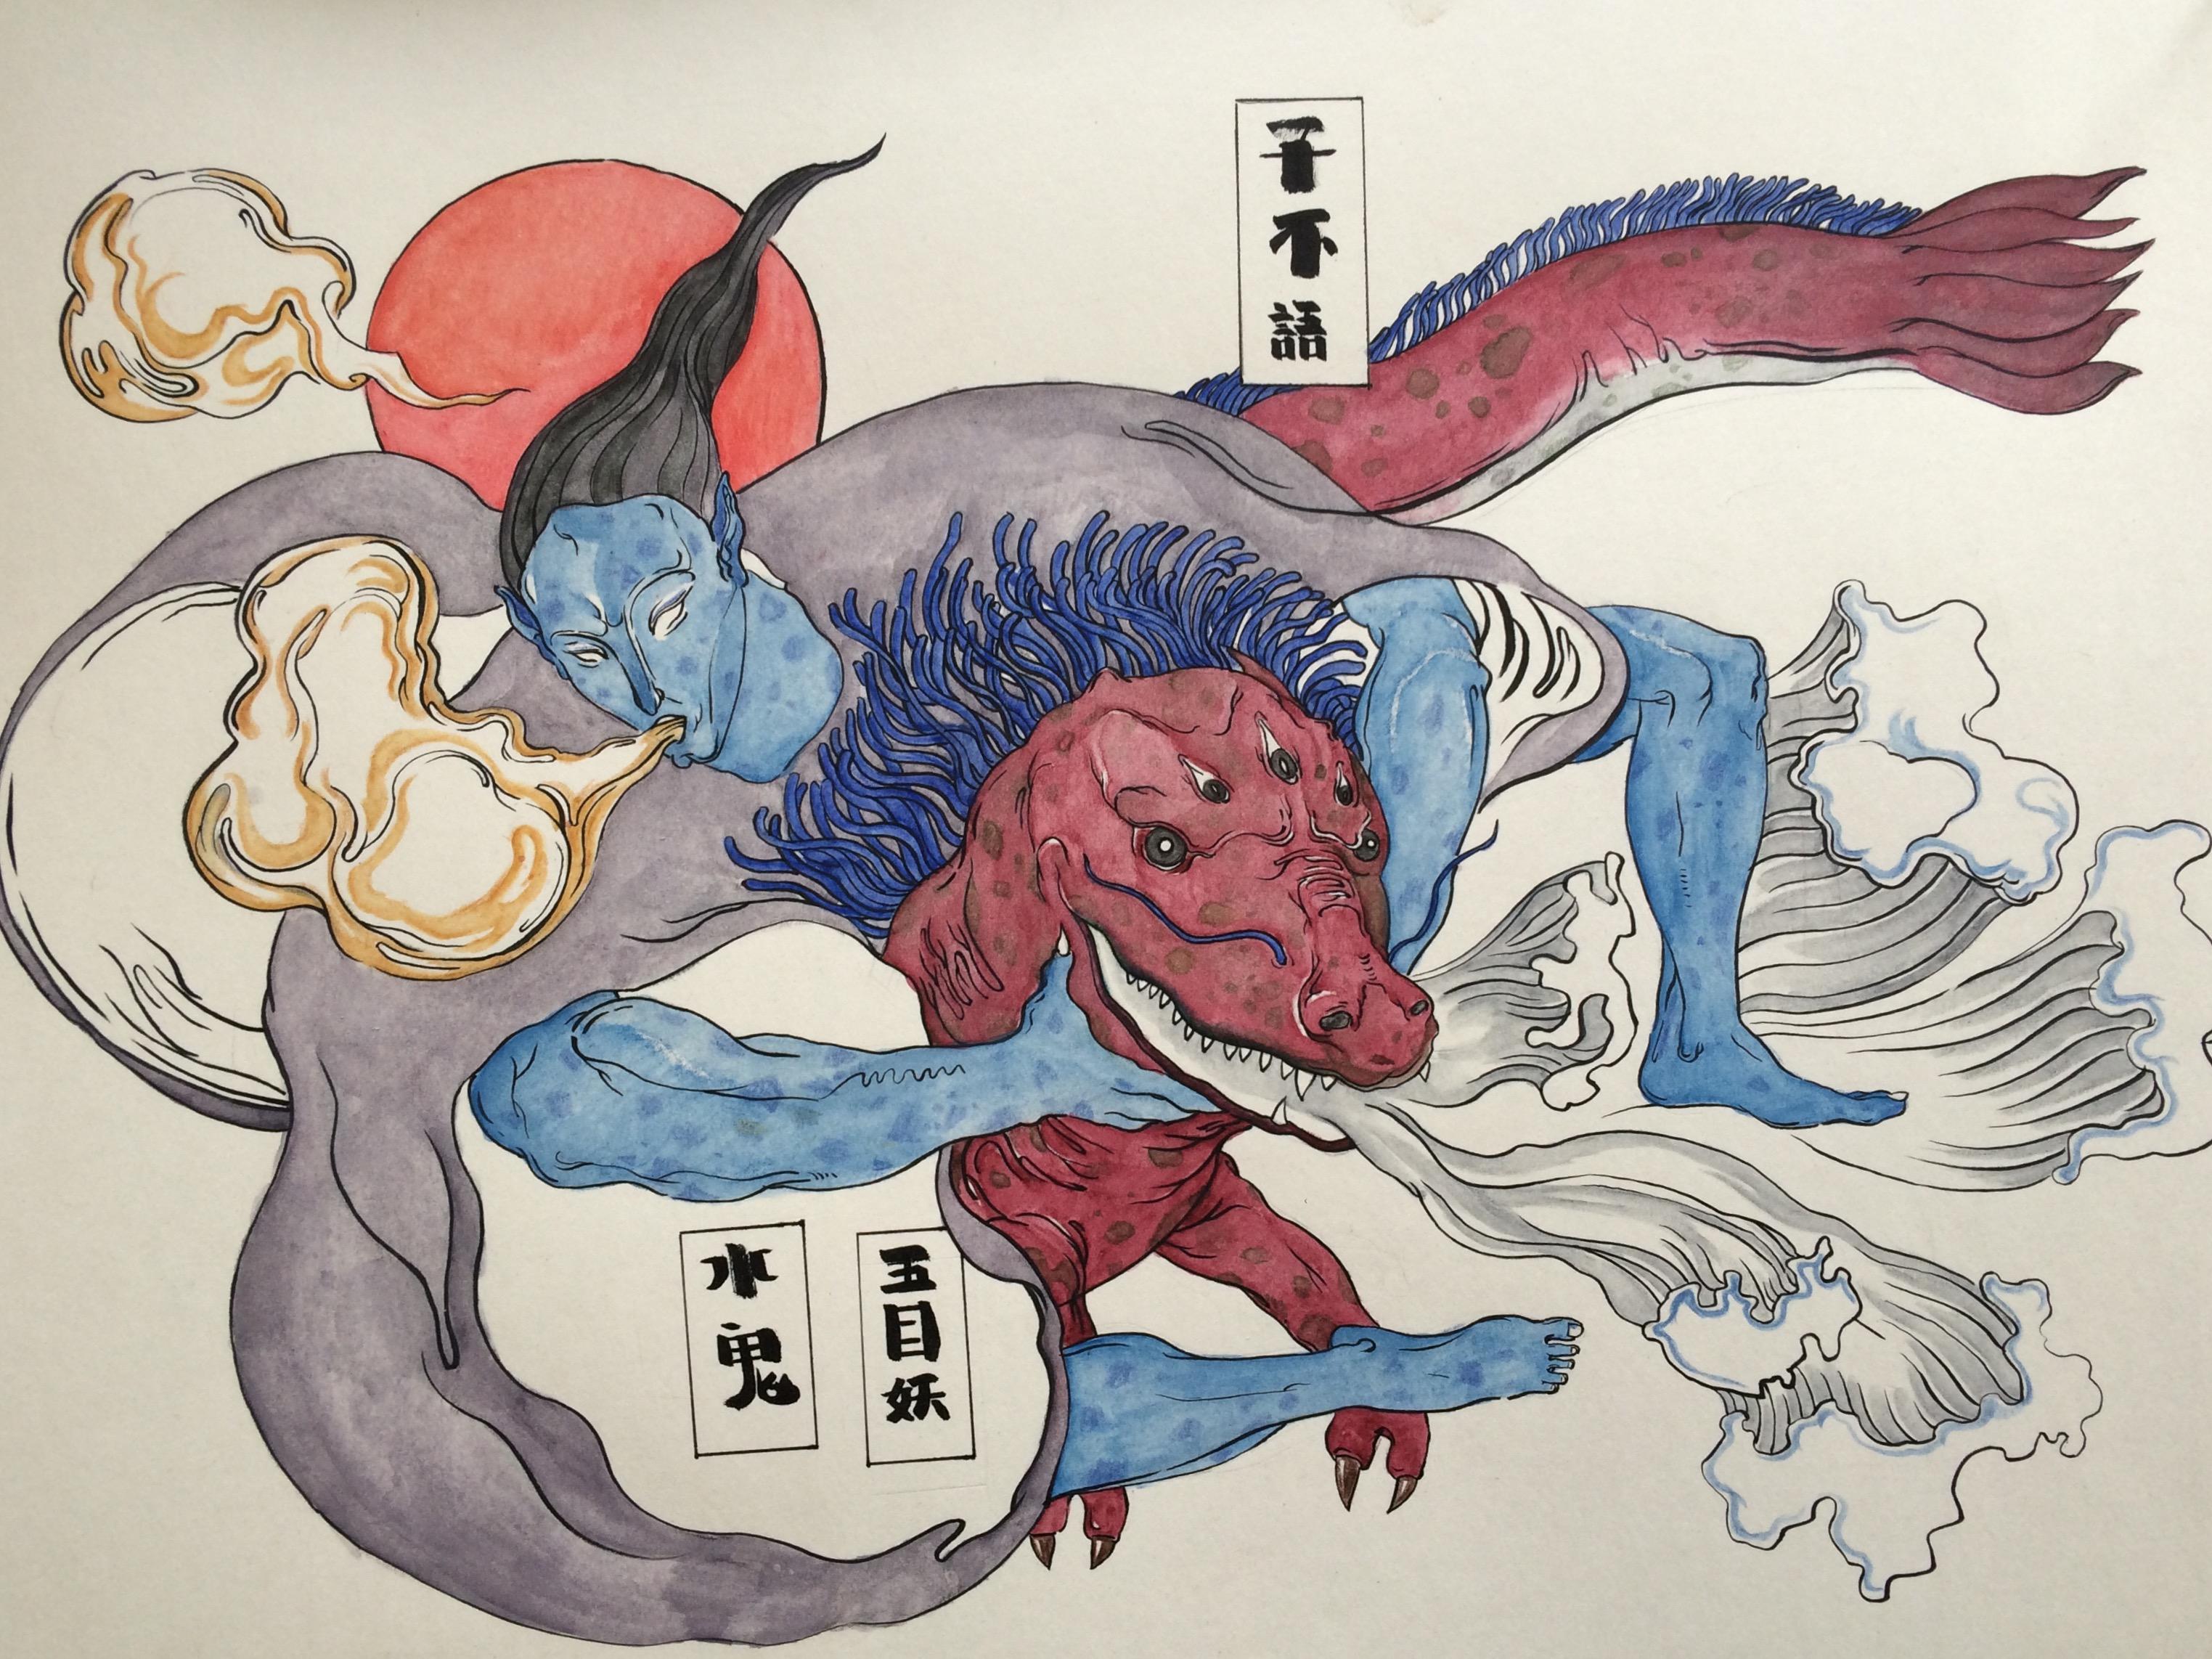 子不语手绘插图|插画|插画习作|学院派派 - 原创作品